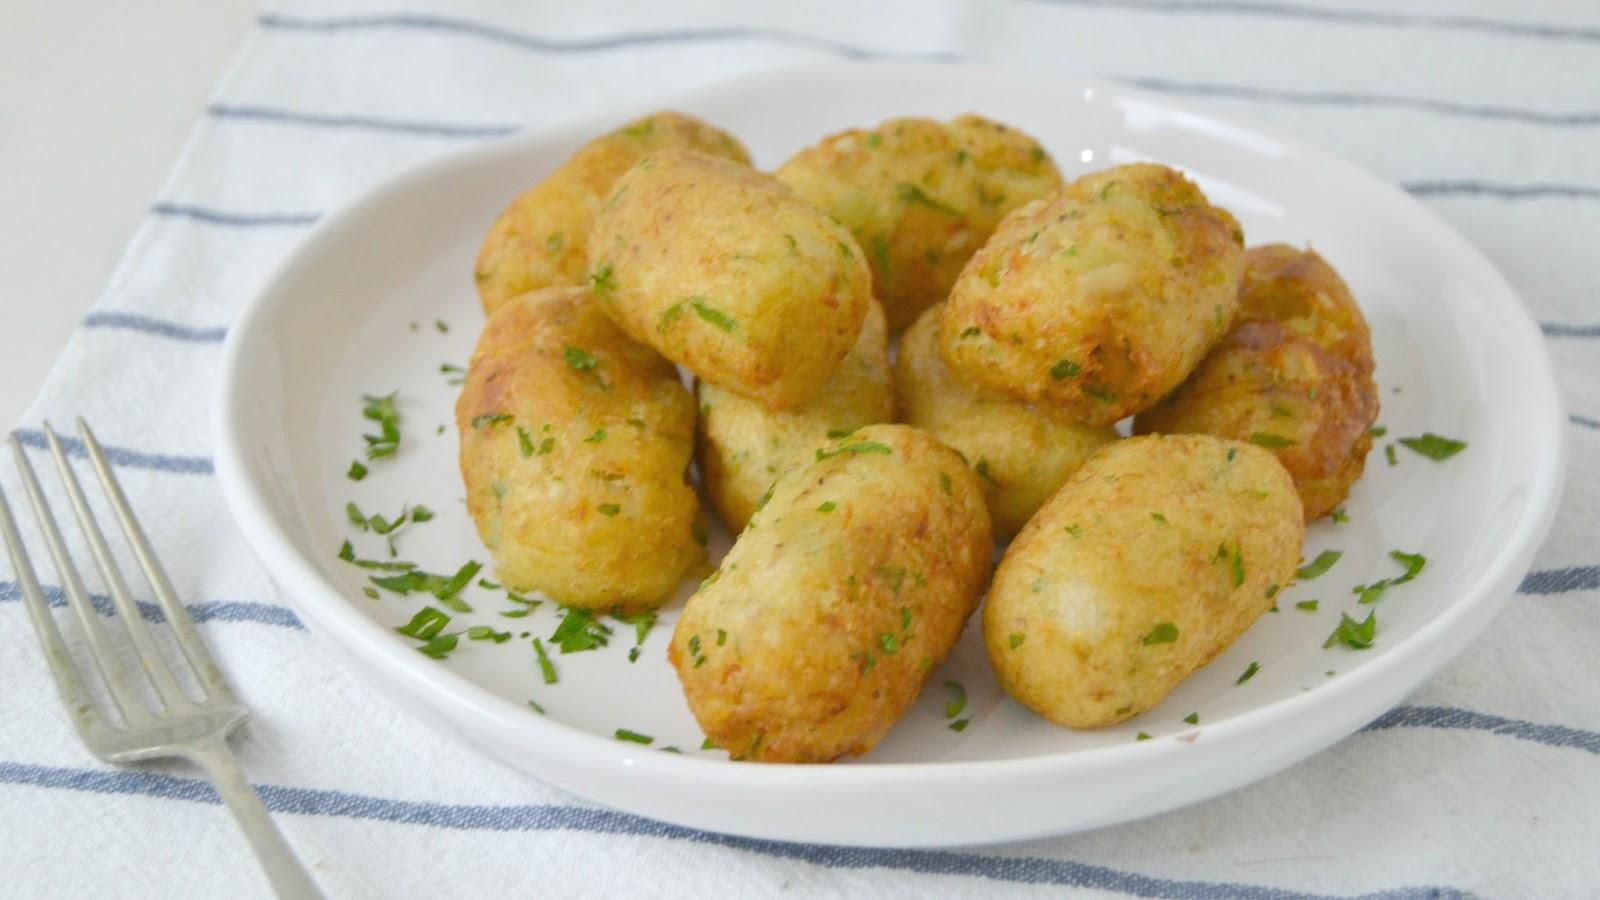 Alb ndigas de bacalao y patata cuuking recetas de cocina - Patatas en caldo con bacalao ...